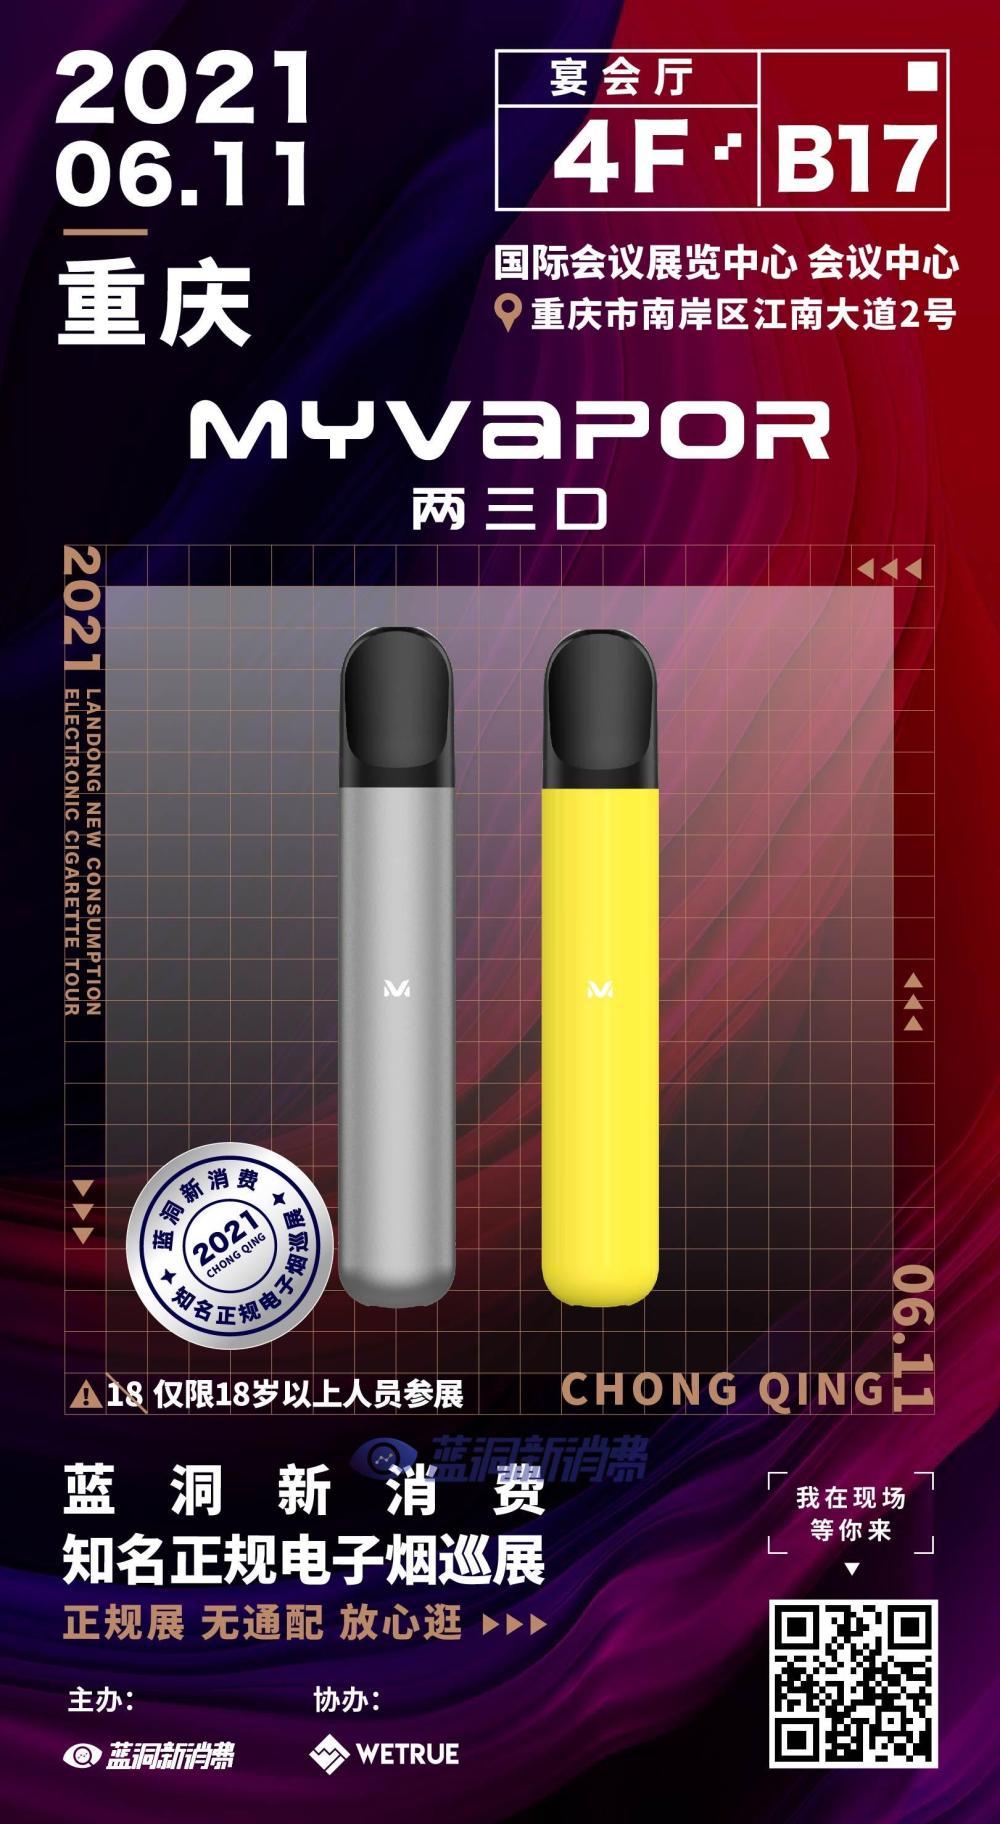 蓝洞电子烟巡展之重庆站品牌巡礼:MYVAPOR两三口电子烟